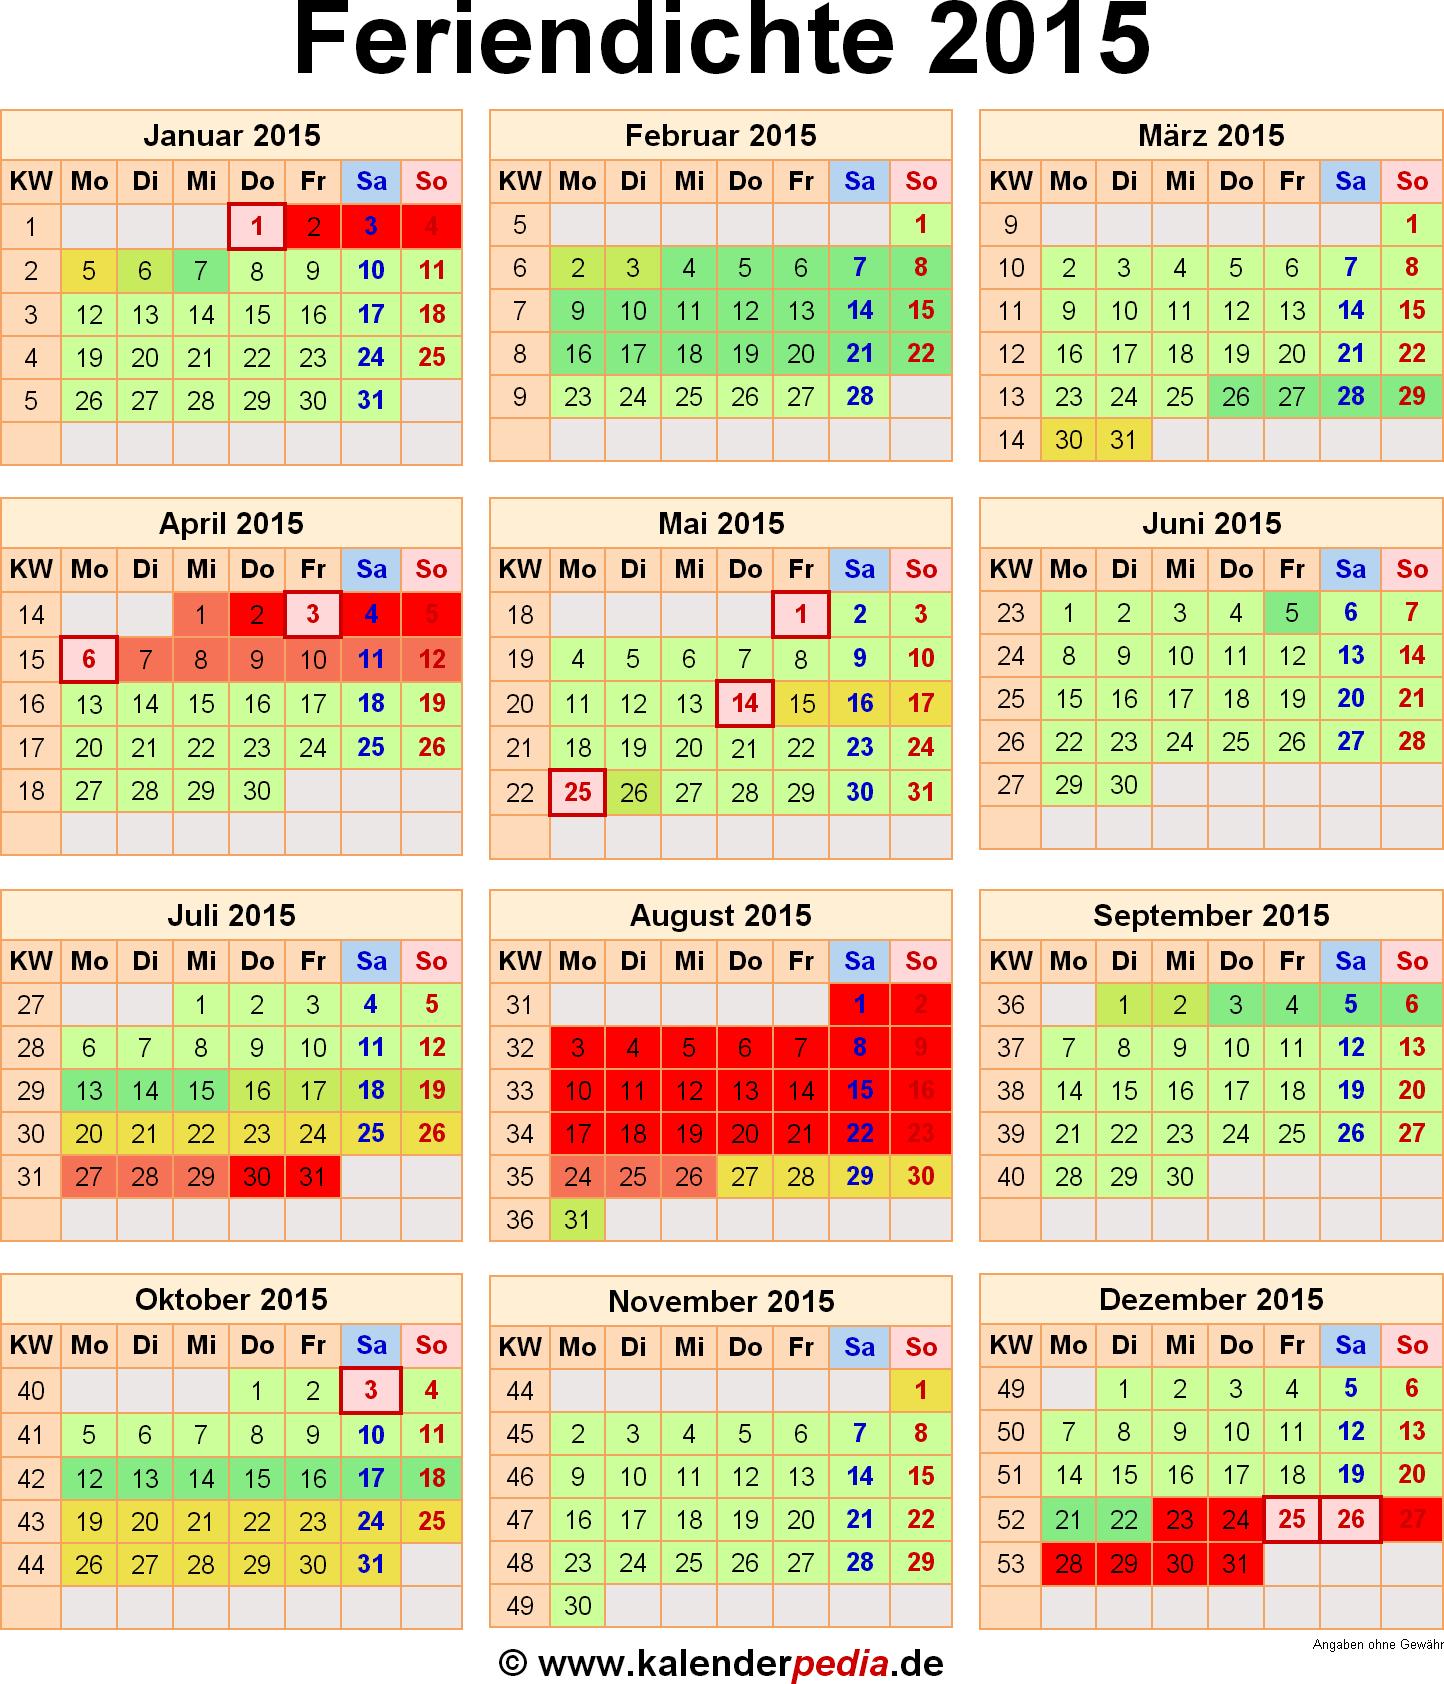 Feriendichte 2015